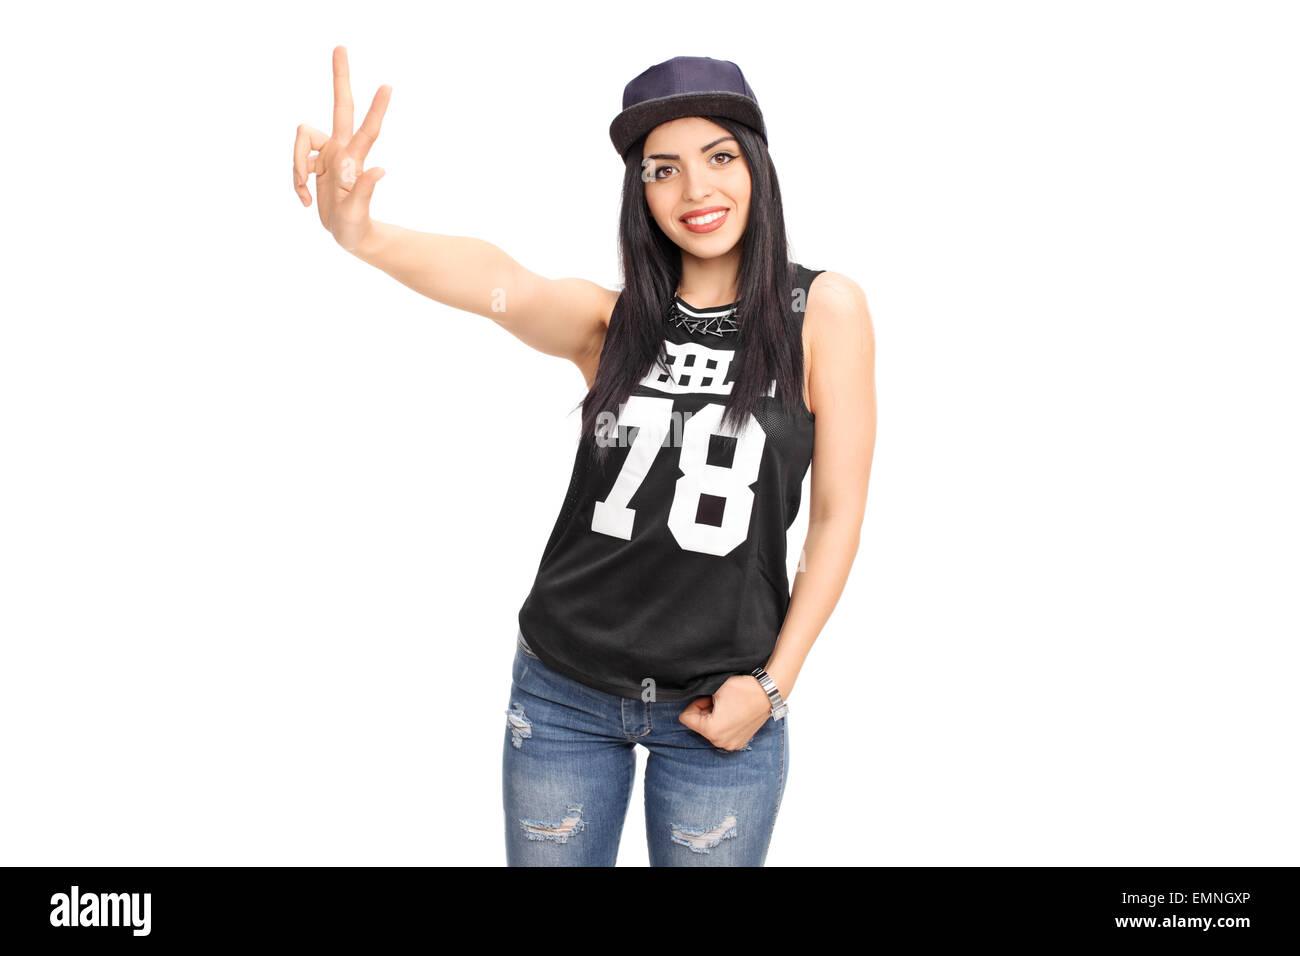 Bella giovane donna in un hip-hop vestito facendo un segno a mano e  guardando 0a4531c4ae8a